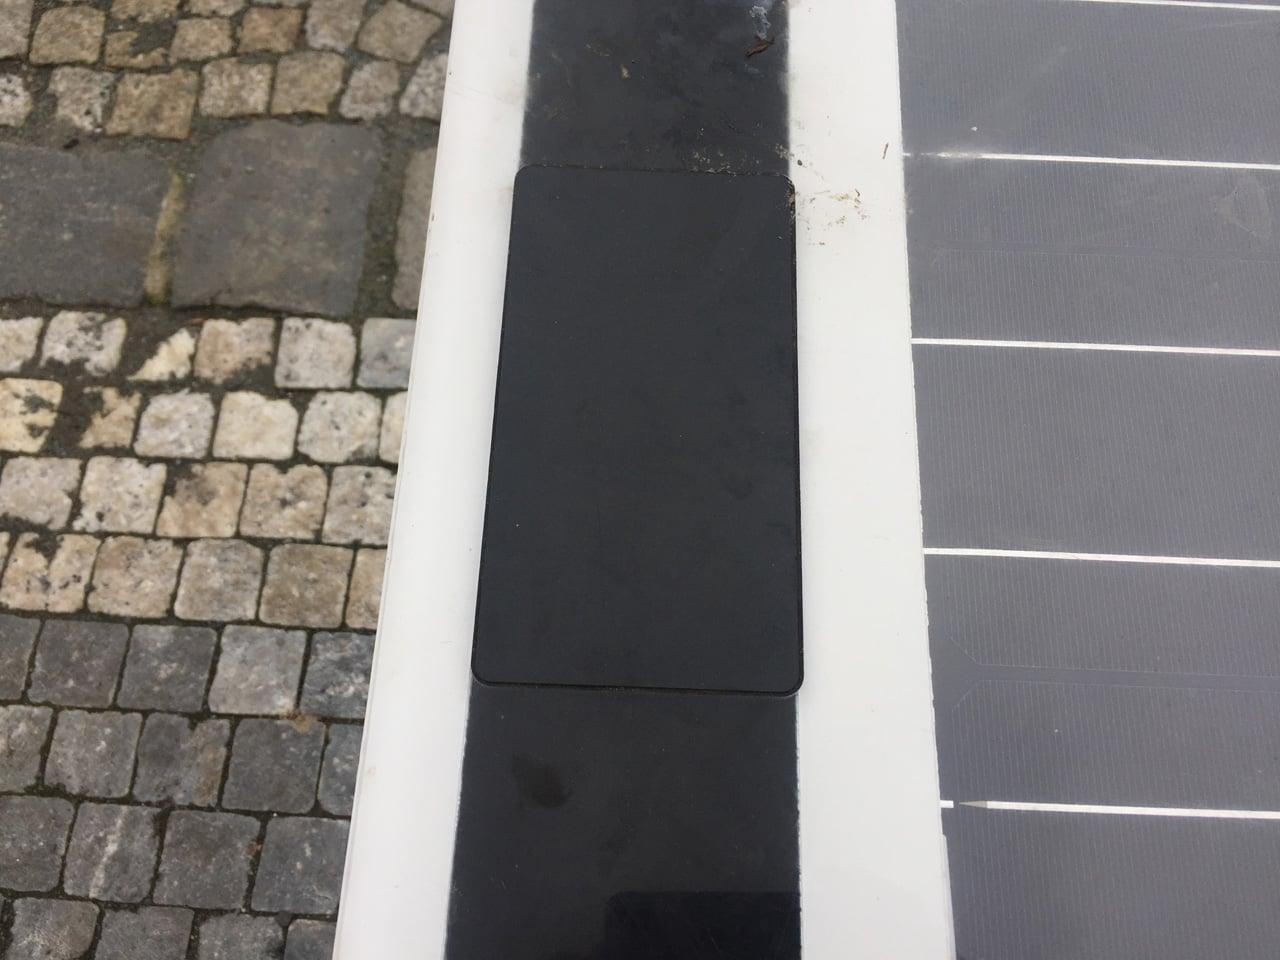 Chytrá lavička Steora v pražském Karlíně